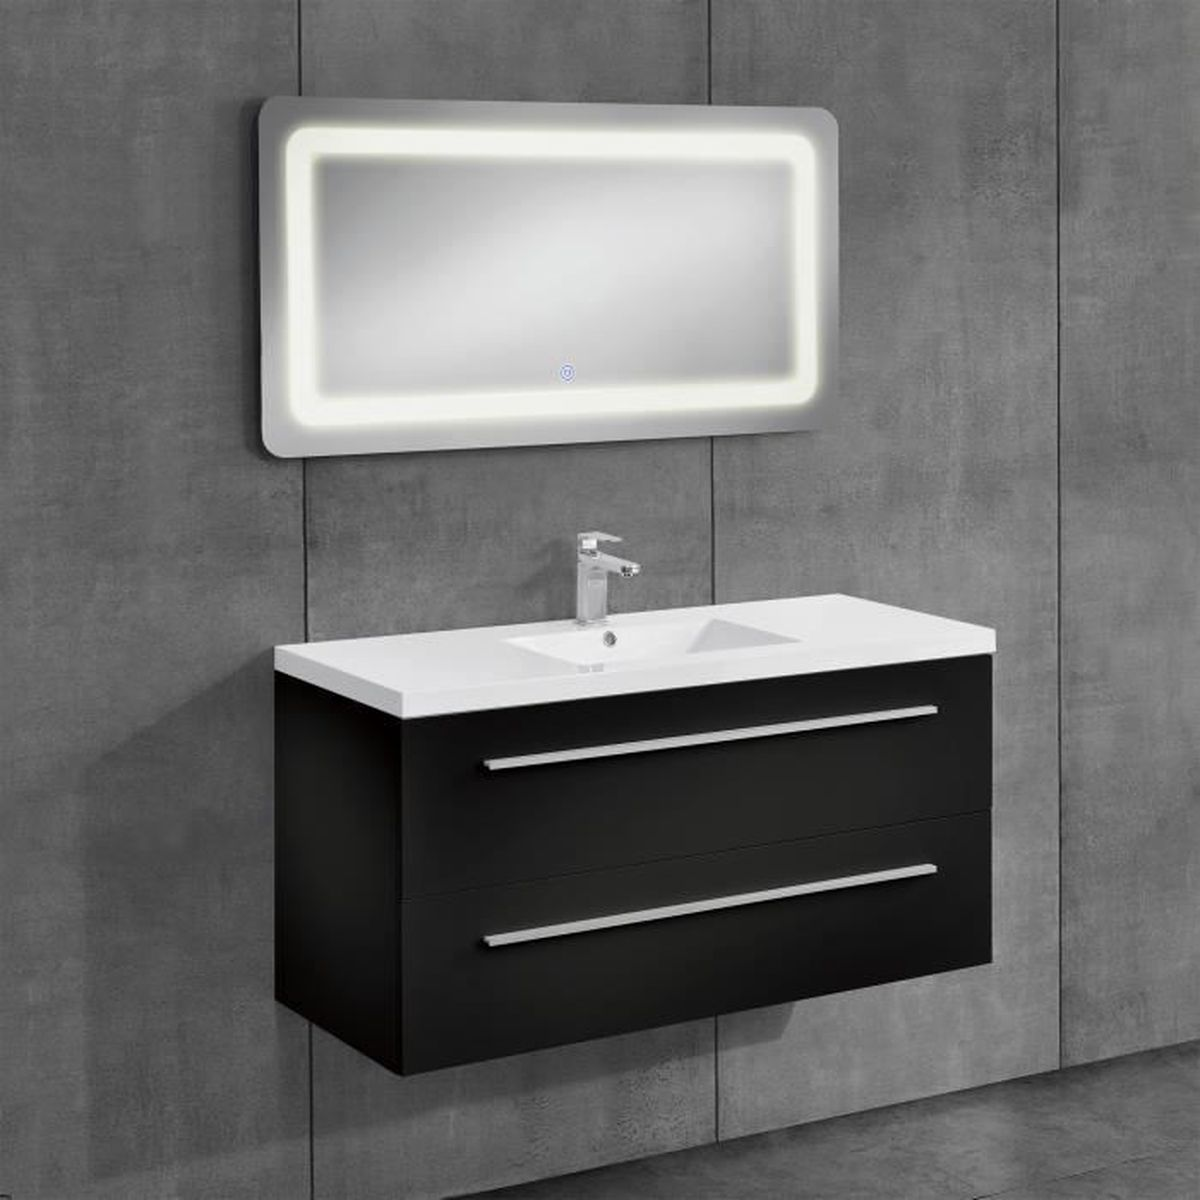 armoire de toilette avec lavabo noir miroir 500x700mm achat vente colonne armoire sdb. Black Bedroom Furniture Sets. Home Design Ideas